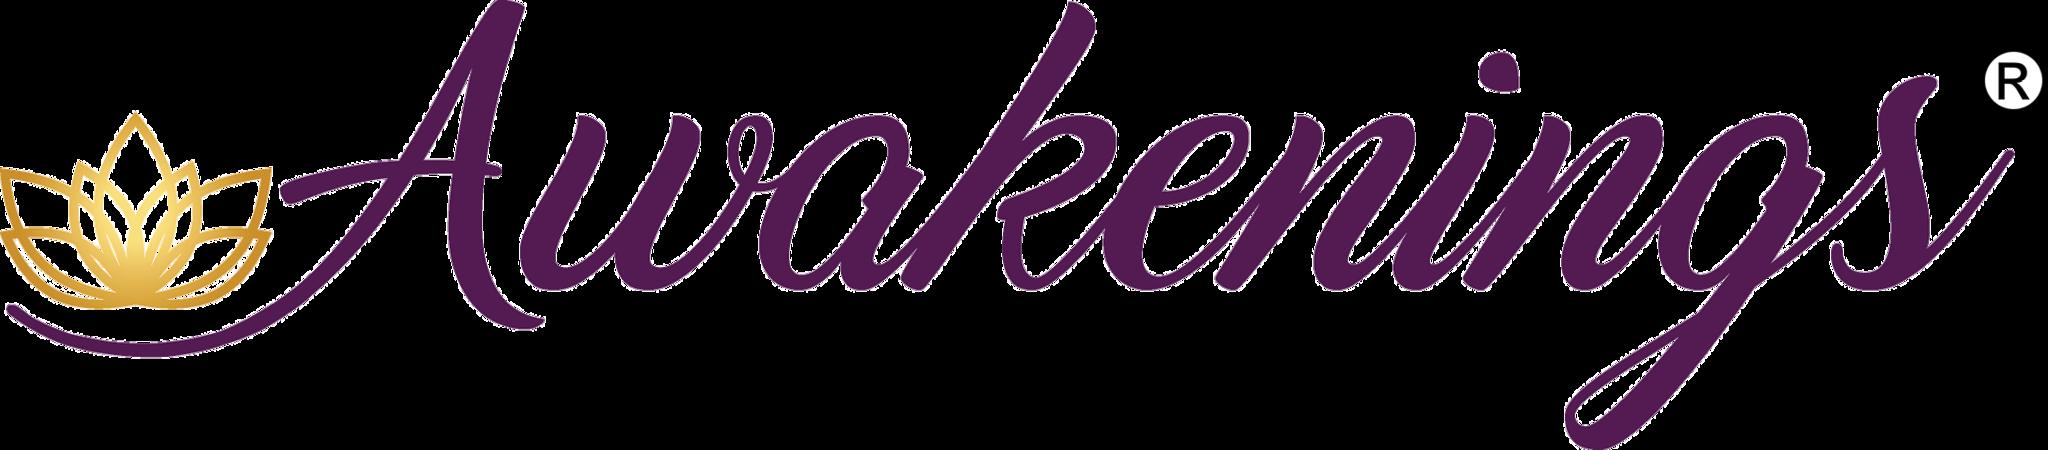 Awakenings - Crystal Shop & Supplies